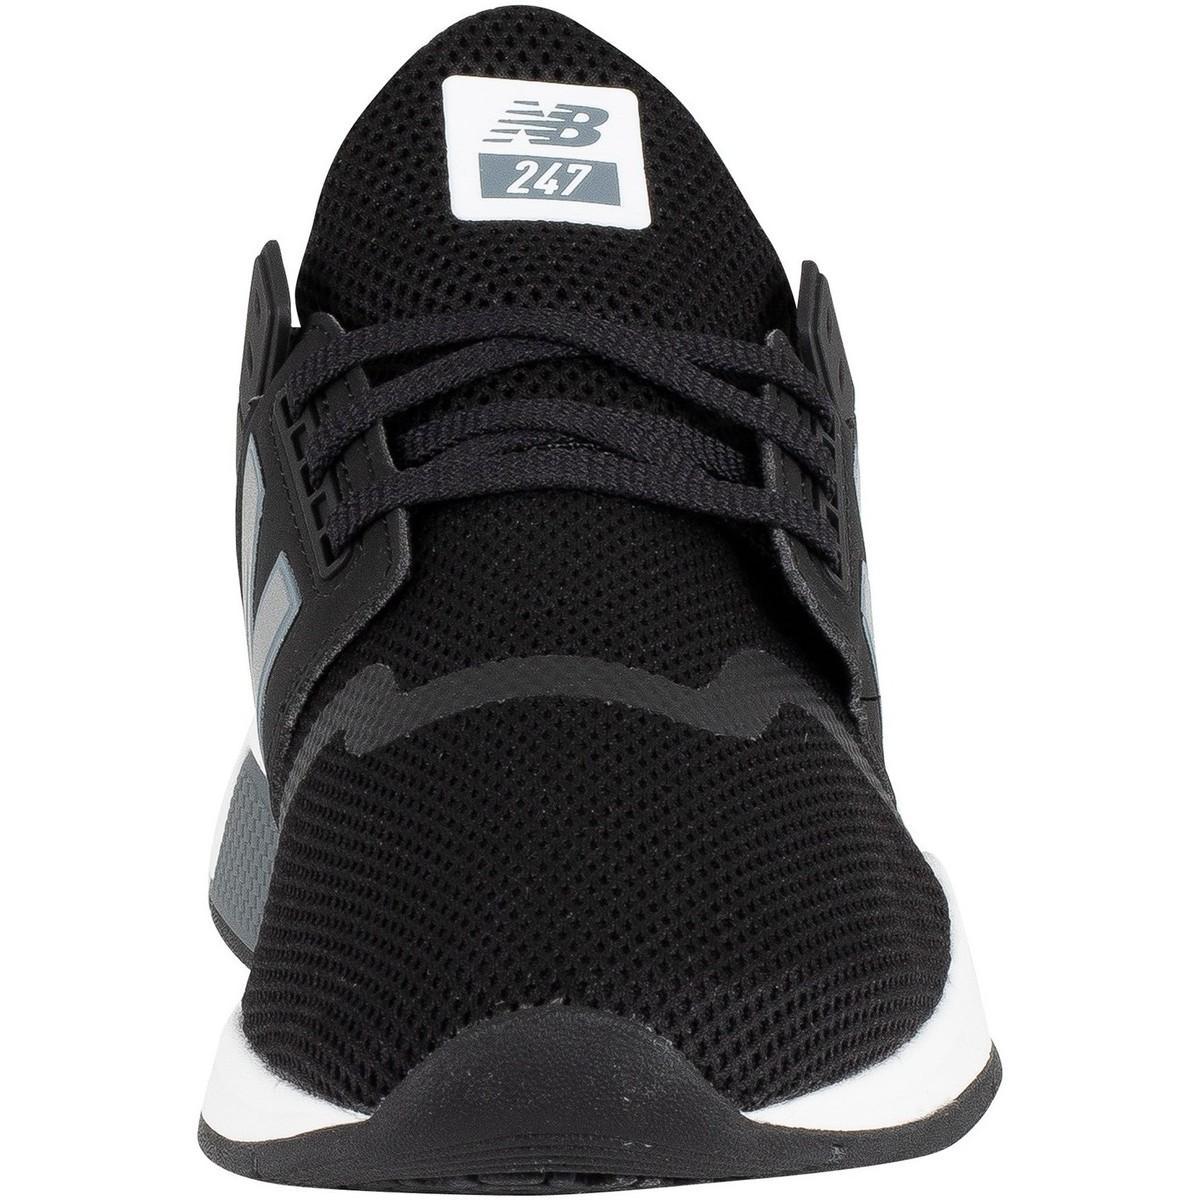 fbfe918644c2a Homme 247 Entraîneurs, Noir hommes Chaussures en Noir New Balance pour homme  en coloris Noir - Lyst